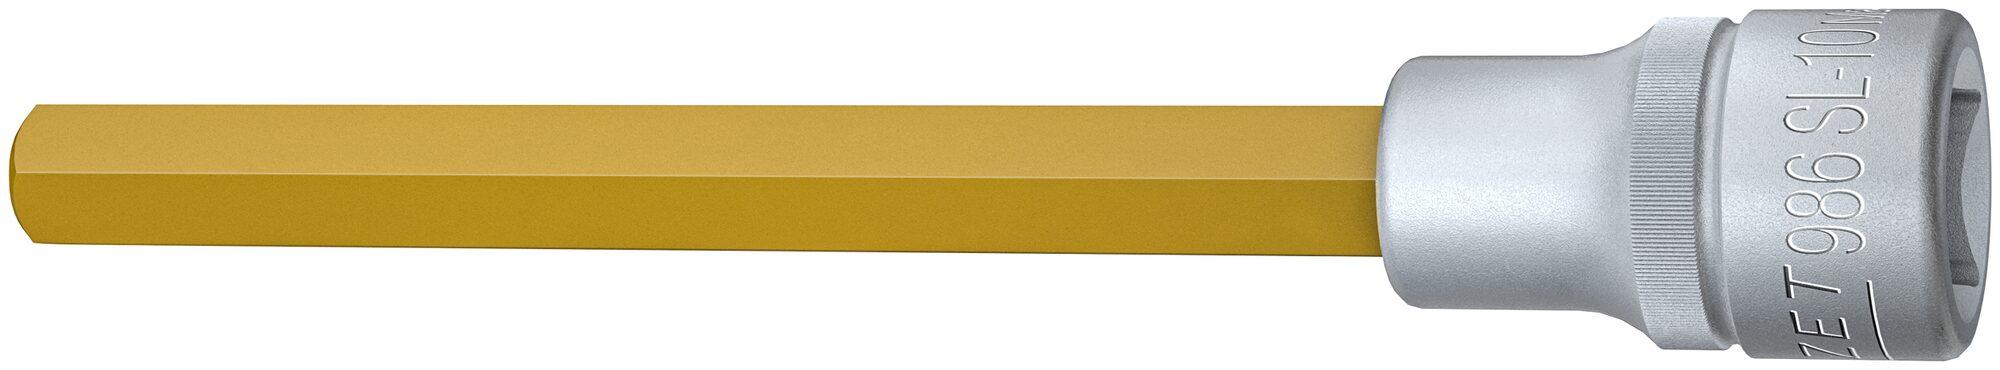 HAZET Schraubendreher-Steckschlüsseleinsatz 986SL-10 ∙ Vierkant hohl 12,5 mm (1/2 Zoll) ∙ Innen-Sechskant Profil ∙ 10 mm